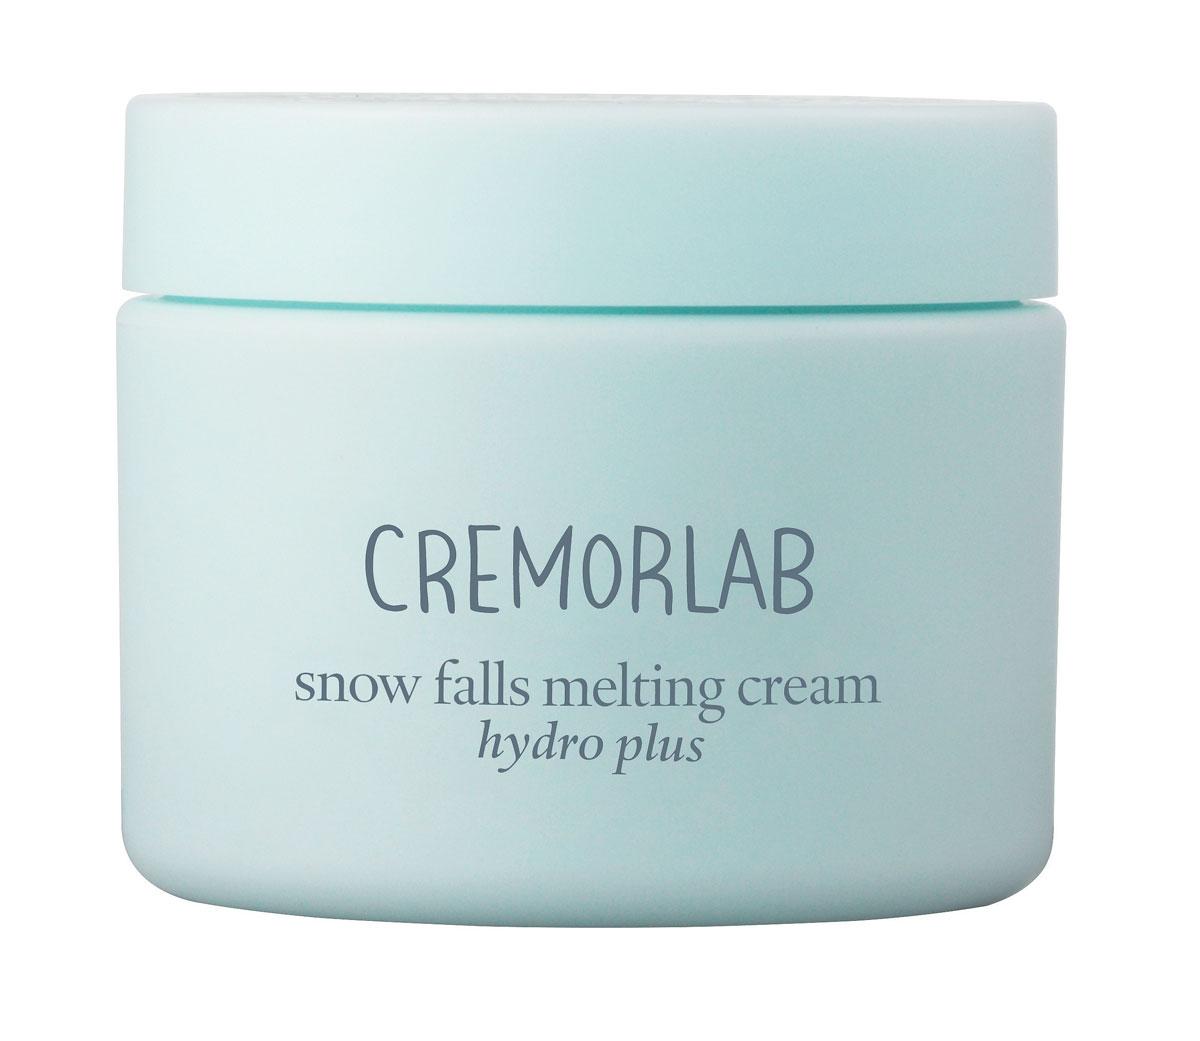 Cremorlab Hydro Plus Крем глубокого увлажнения с экстрактом эдельвейса Snow Falls Melting Cream, 60 мл61256Высокоэффективная увлажняющая формула крема, в котором природная минеральная вода обогащенная экстрактом эдельвейса и гиалуроновой кислотой, интенсивно увлажняет глубокие слои кожи и дарит ощущение бесконечной свежести. Мгновенно стирает следы усталости, быстро впитывается и эффективно снимает раздражение и красноту. Средство обладает способностью запиратьводу в коже (на 72 часа) и препятствовать ее избыточному испарению, что обеспечивает стойкий лифтинг эффект. Морской коллаген активизирует клеточный метаболизм, эффективно замедляет процессы старения, насыщает кожу жизненной энергией. Надежно защищает от неблагоприятных факторов окружающей среды. Не содержит парабенов, спиртов, искусственных красителей, PABA, талька, бензофенона. Подходит для всех типов и состояний кожи.